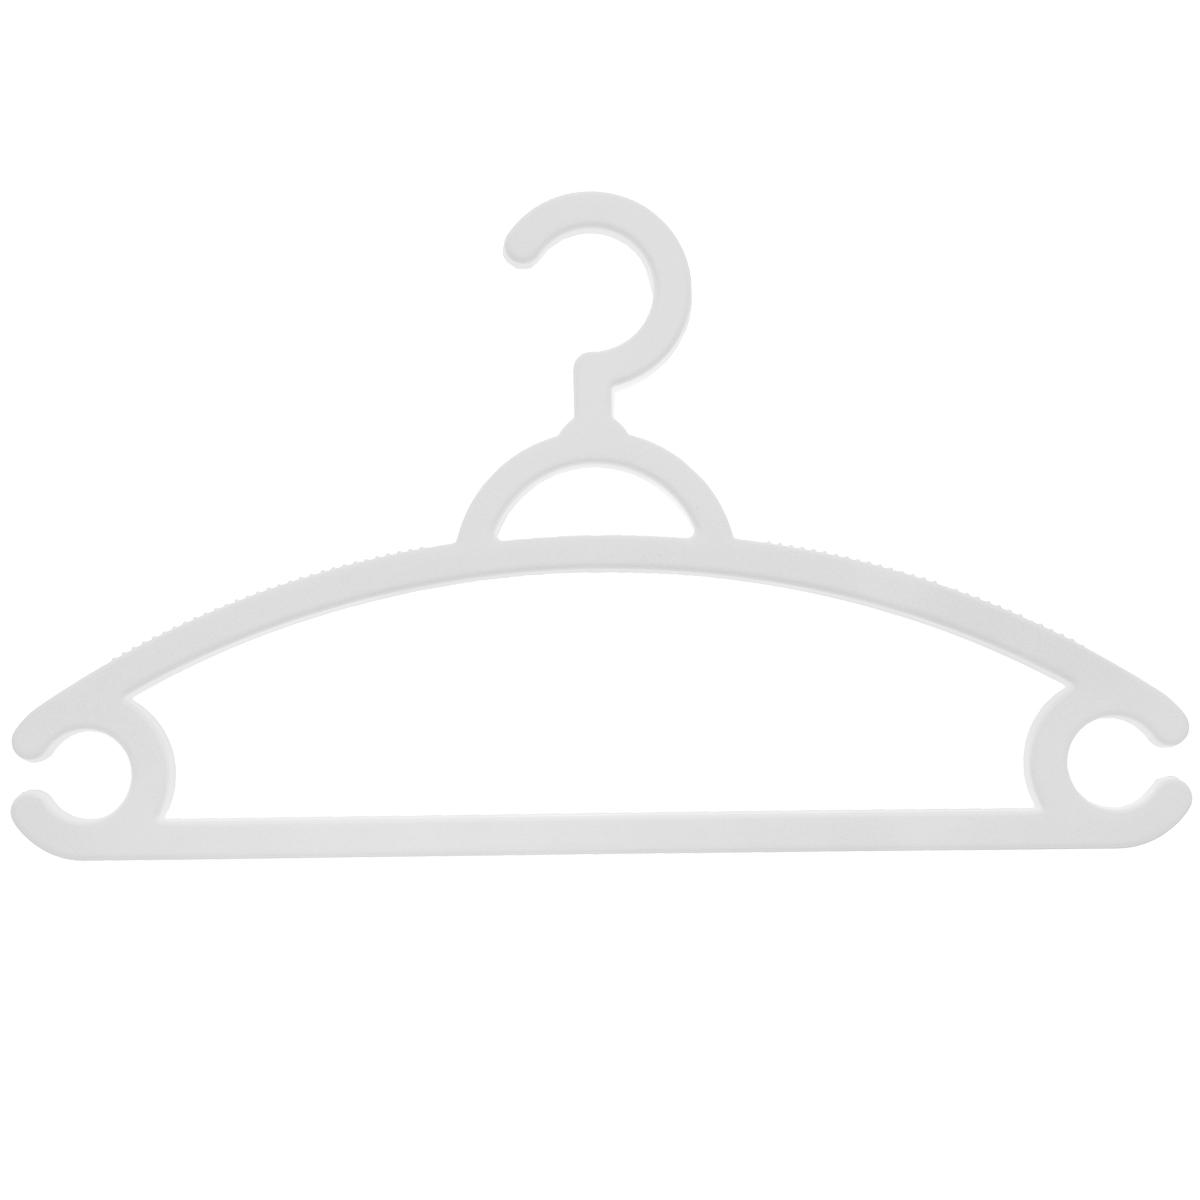 """Набор """"М-пластика"""", выполненный из легкого и прочного пластика, состоит из трех вешалок.Изделия оснащены перекладинами и двумя крючками.Вешалка - это незаменимая вещь для того, чтобы ваша одежда всегда оставалась в хорошем состоянии.Комплектация: 3 шт."""